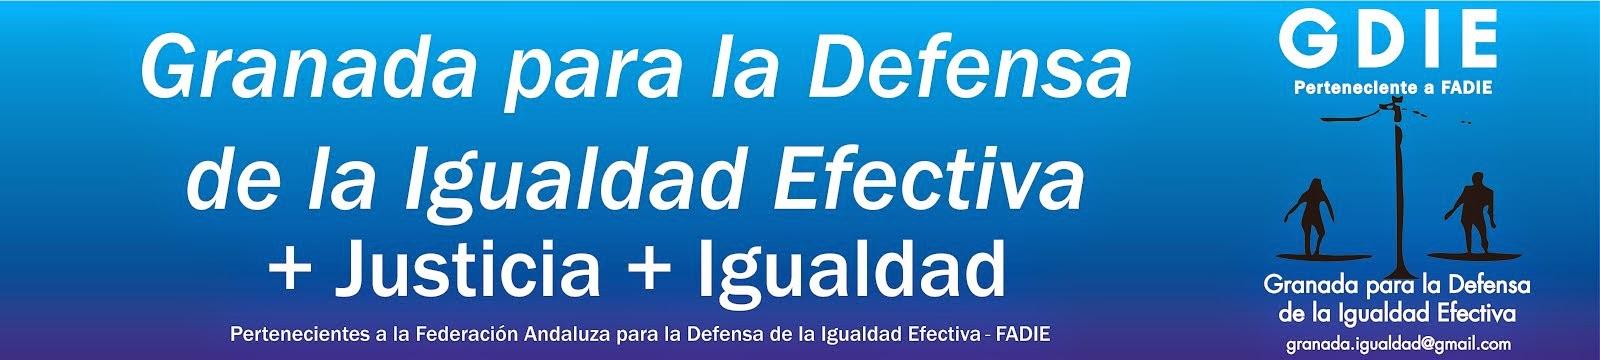 Granada para la Defensa de la Igualdad Efectiva